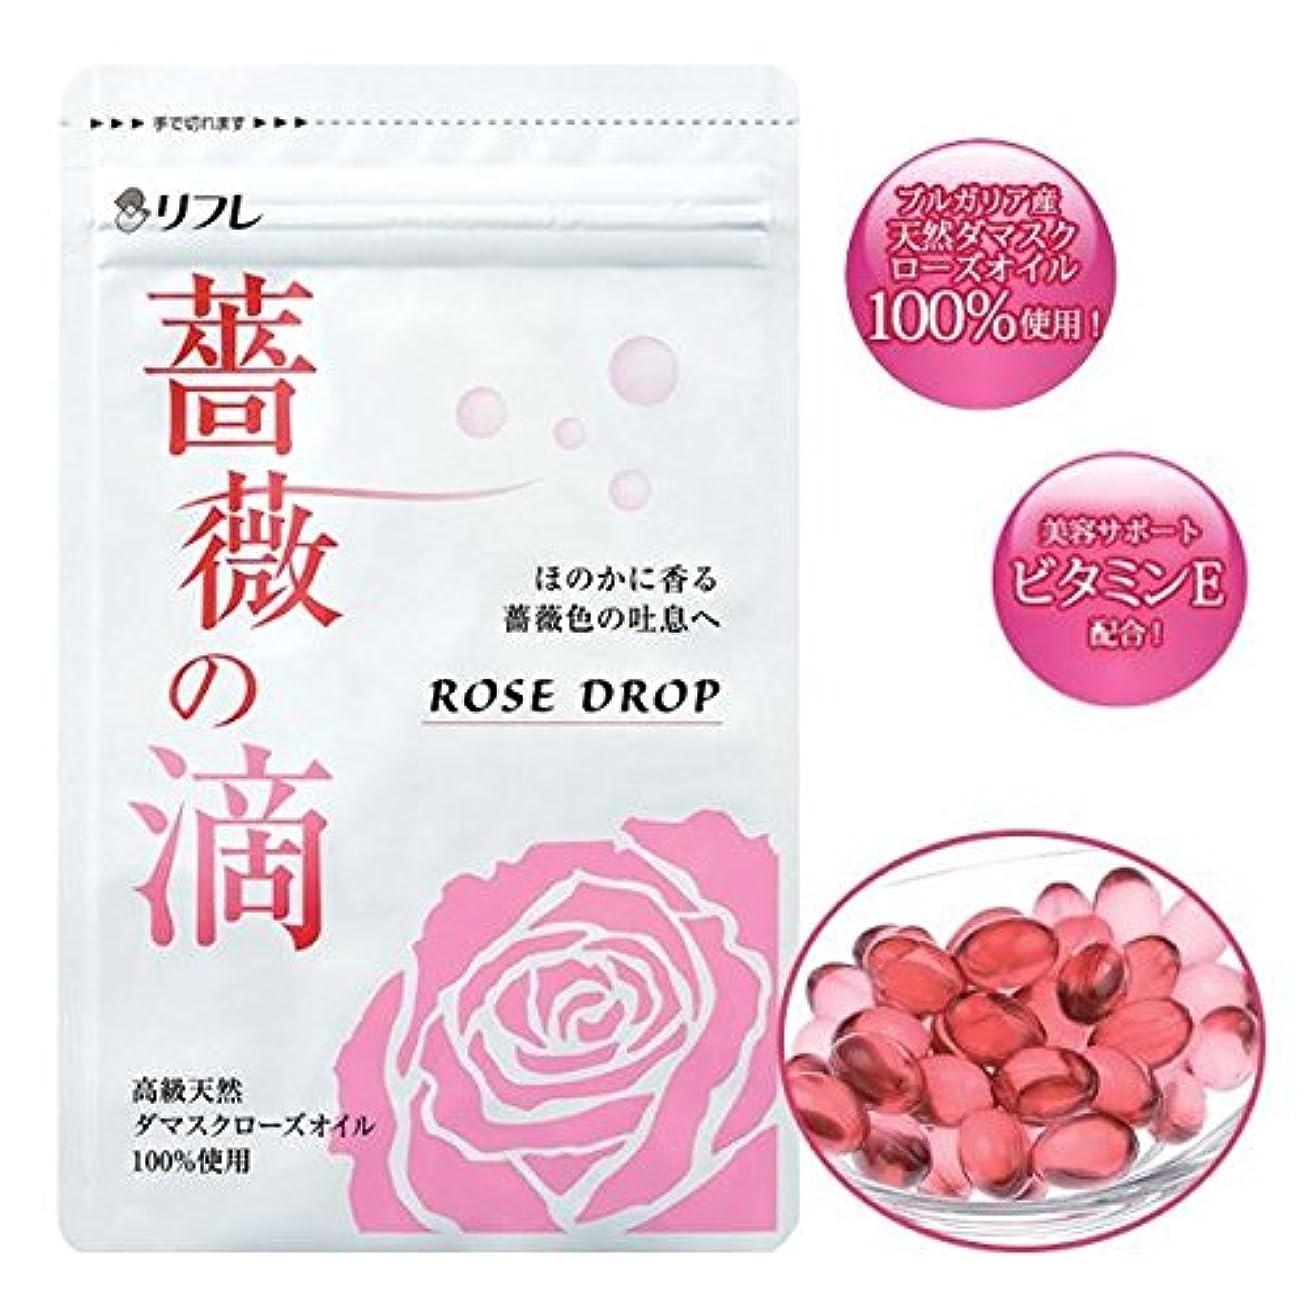 お茶おしゃれじゃない伴うリフレ ローズサプリ 薔薇の滴(ばらのしずく) 1袋62粒(約1ヵ月分) 日本製 Japan